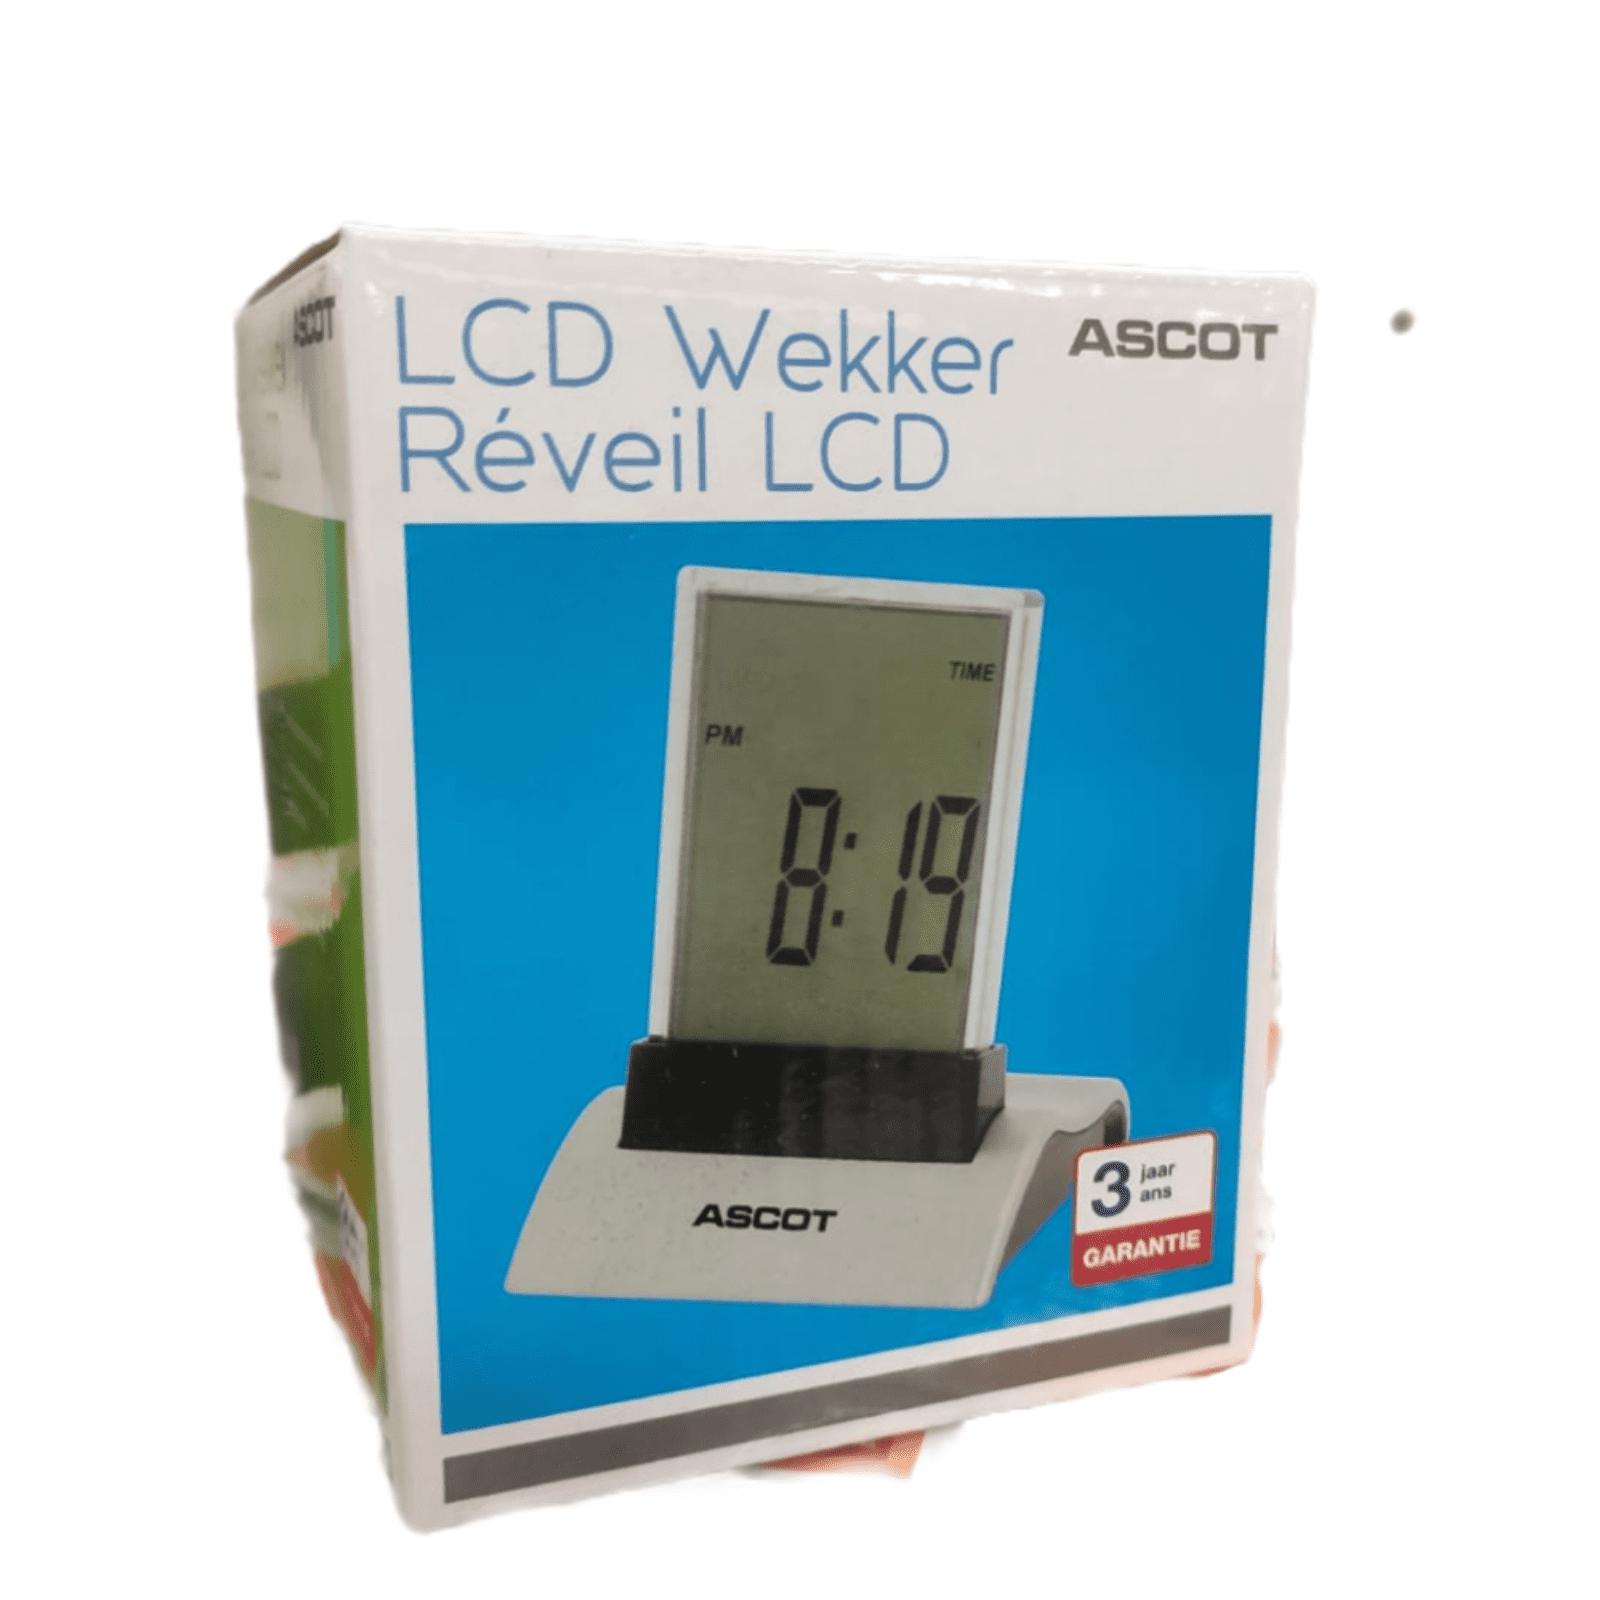 Ascot LCD Wecker rechteckig